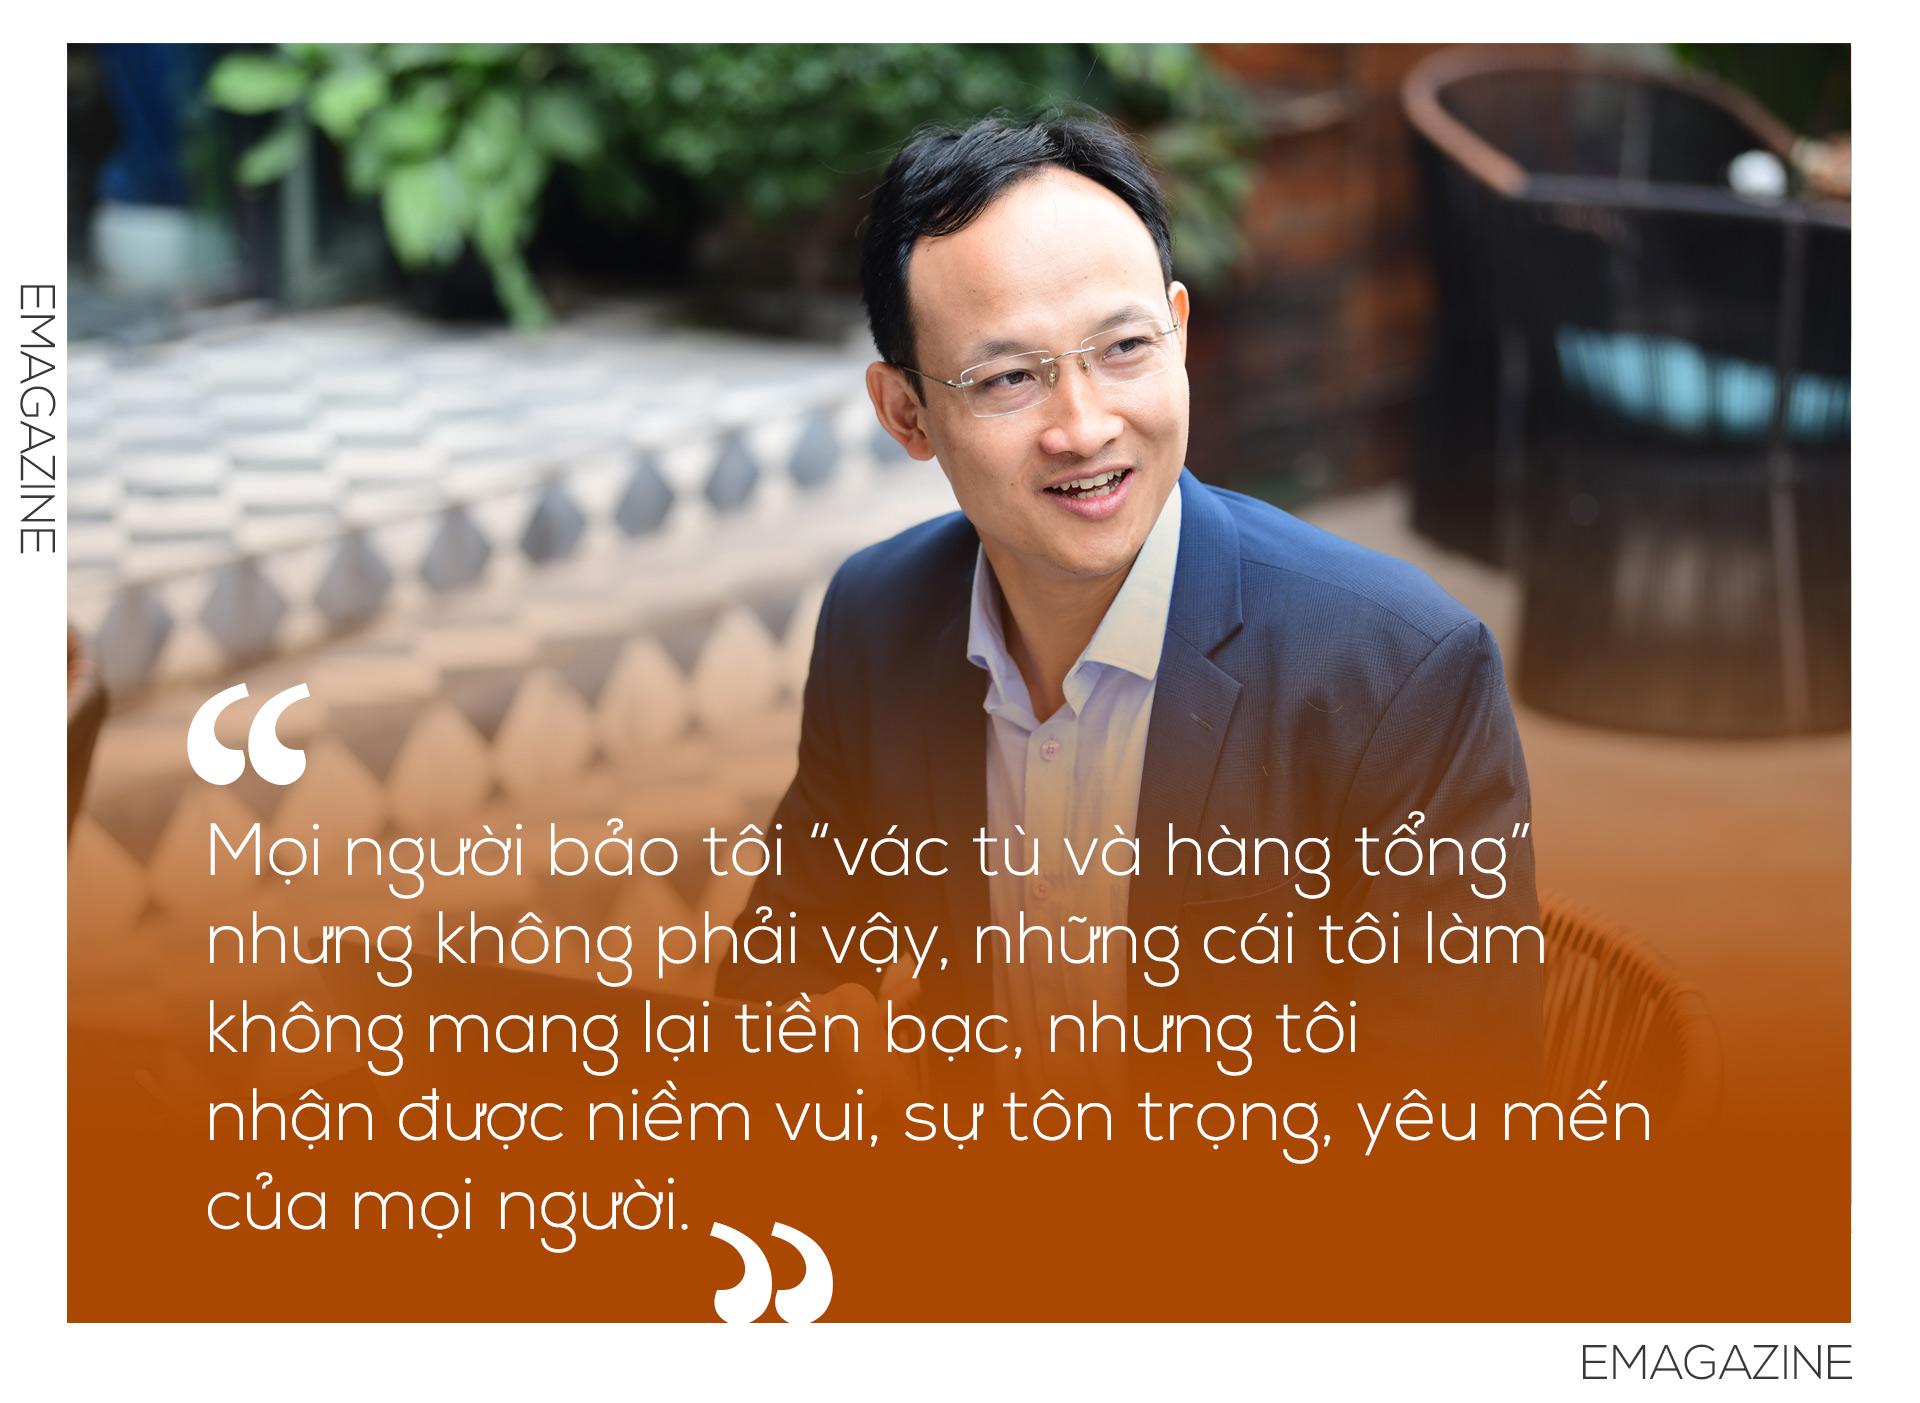 """""""Bác sĩ quốc dân"""" Trần Quốc Khánh: """"Tình cảm dành cho nhau không đong đếm bằng chén rượu đầy"""" - 8"""